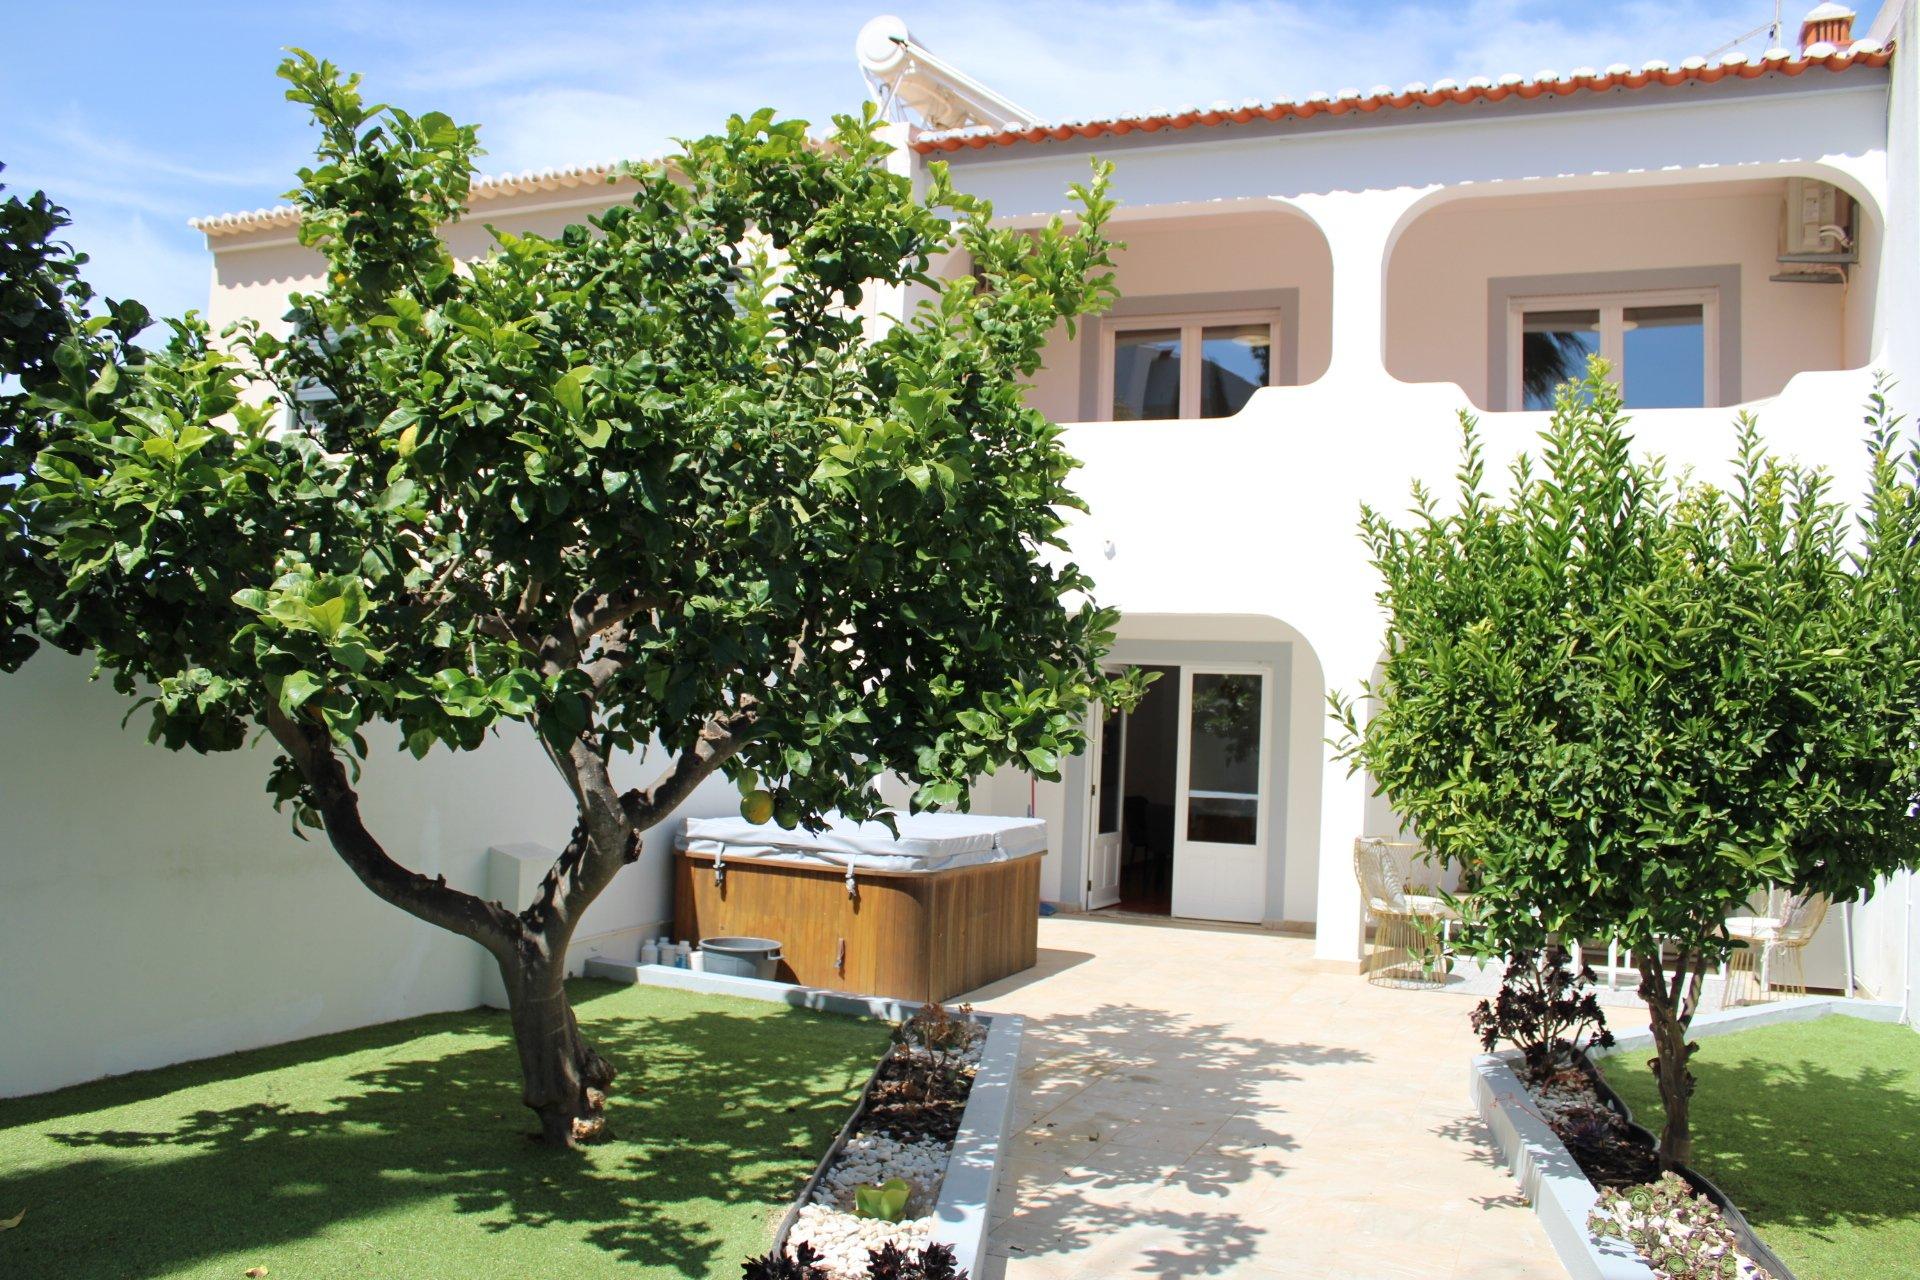 4 Bedroom Villa Lagos, Western Algarve Ref: GV623